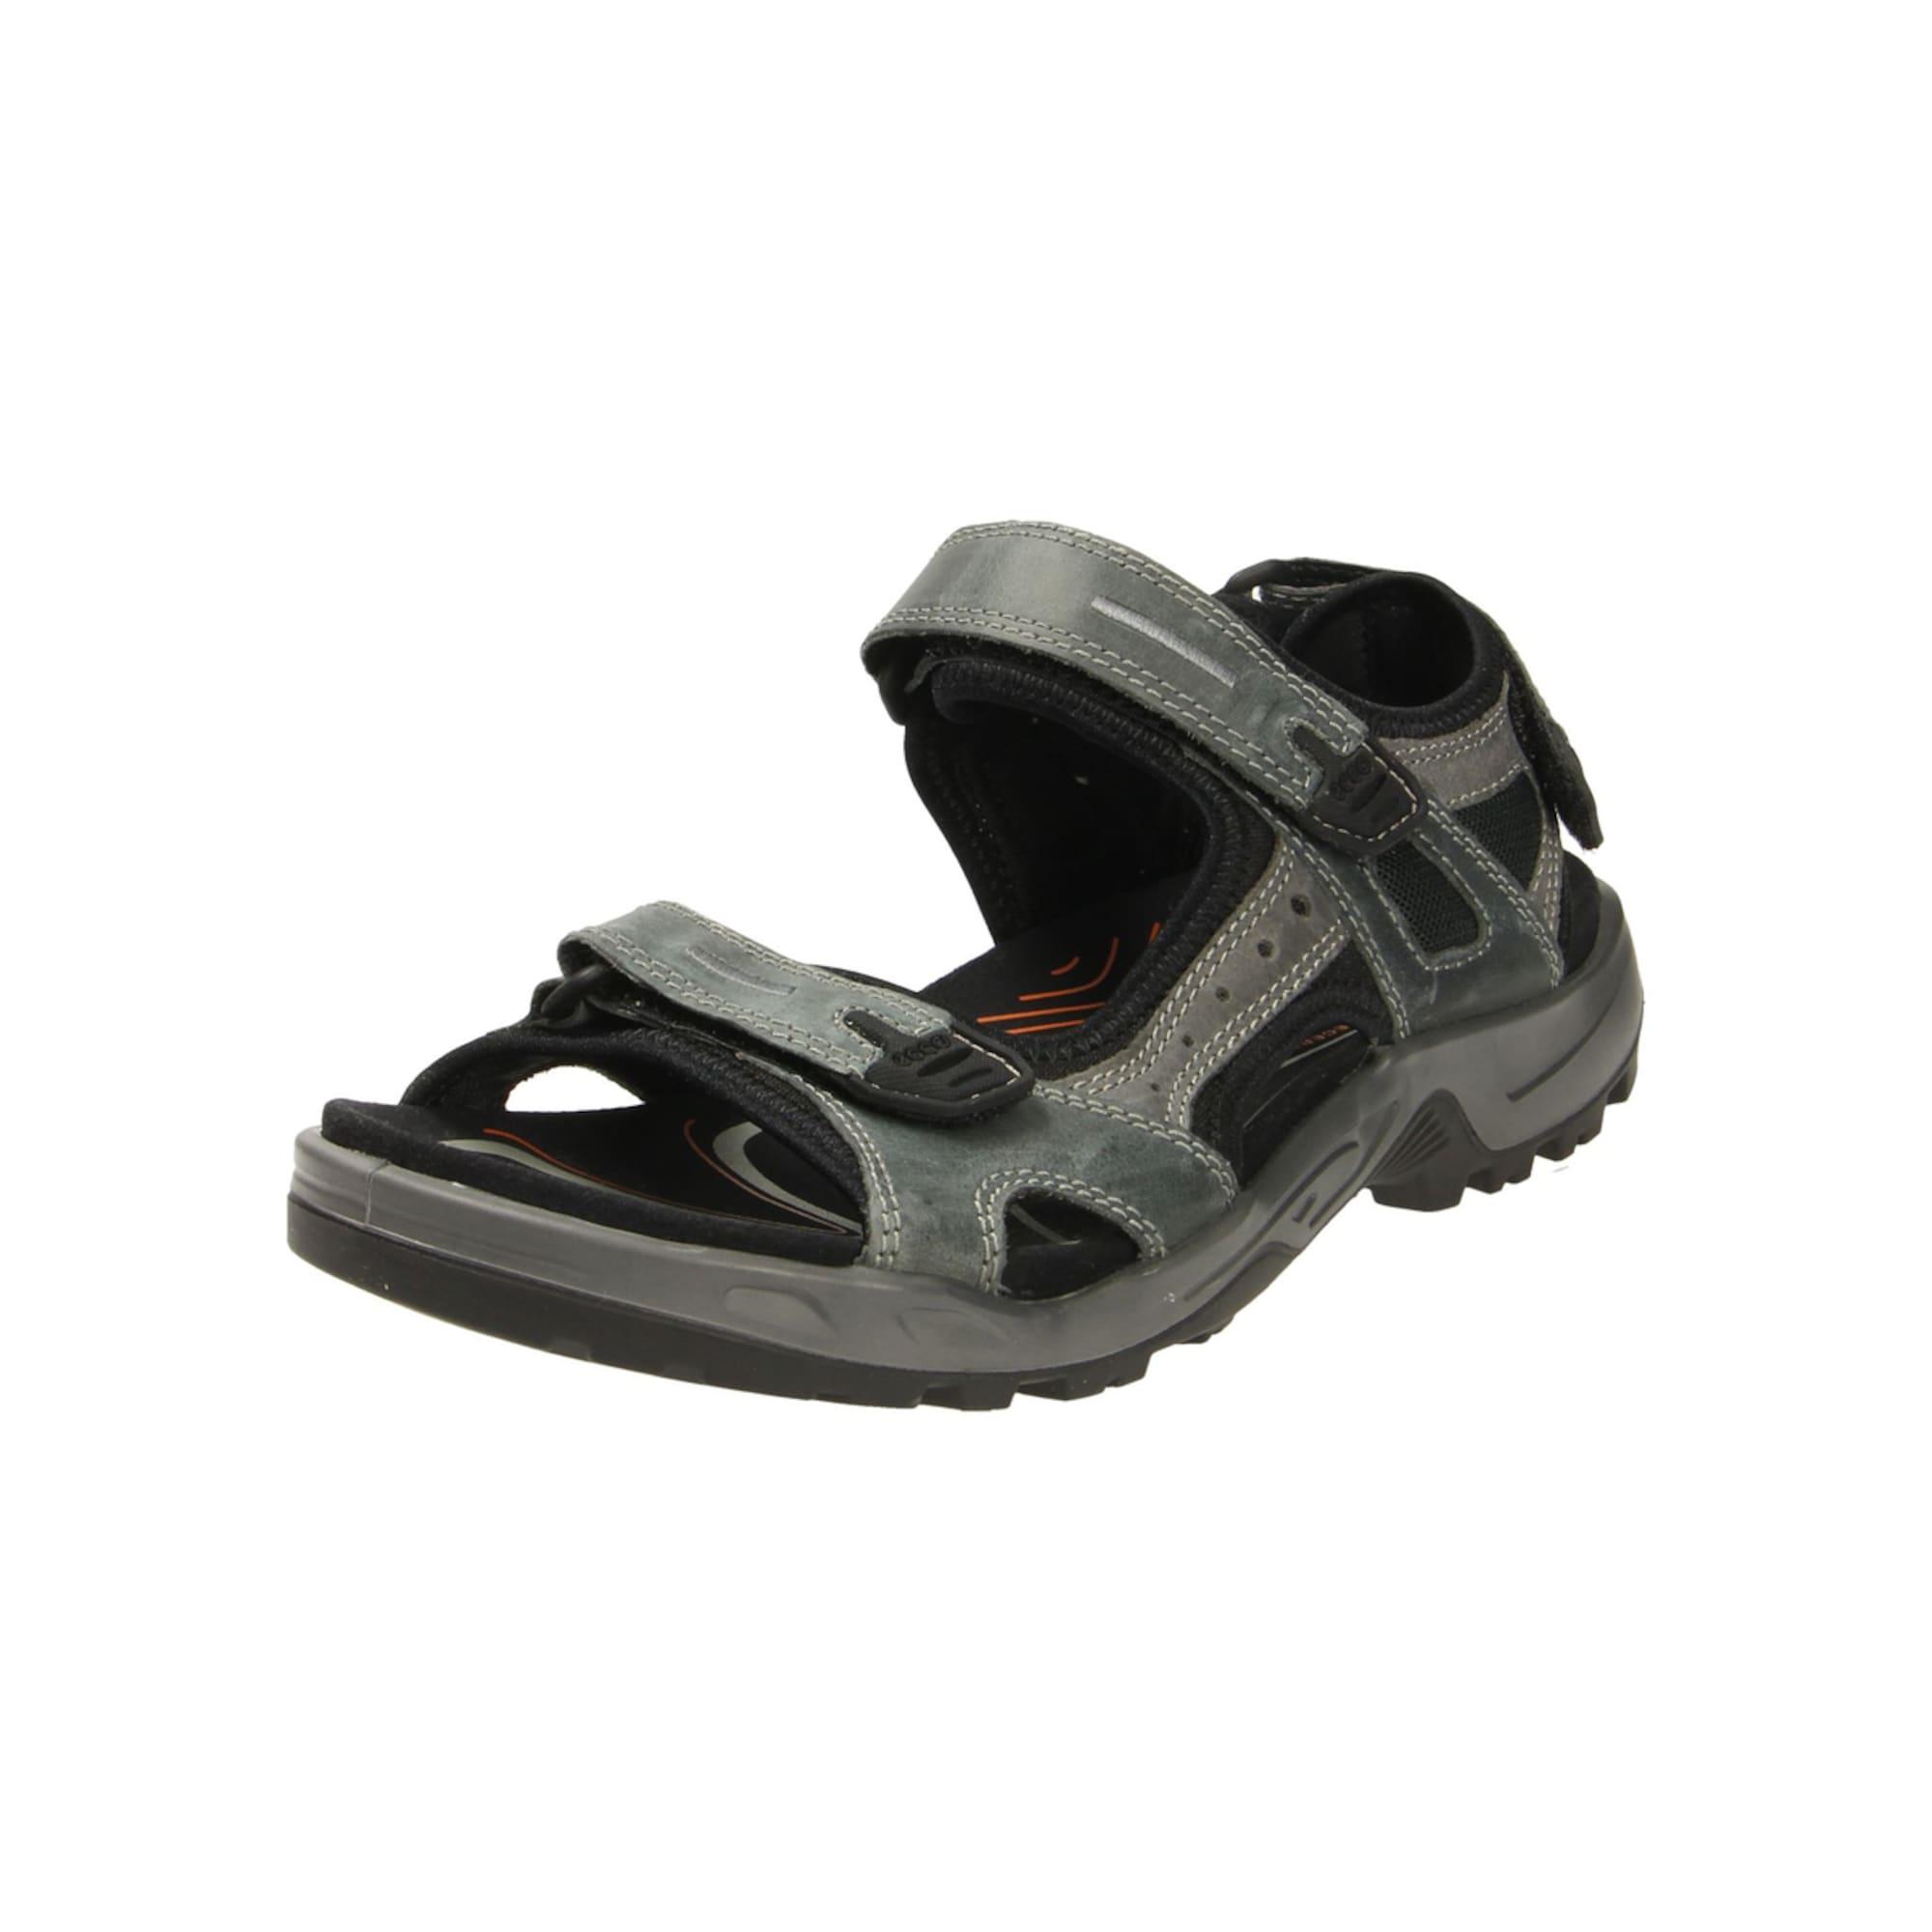 ECCO Sportinio tipo sandalai pilka